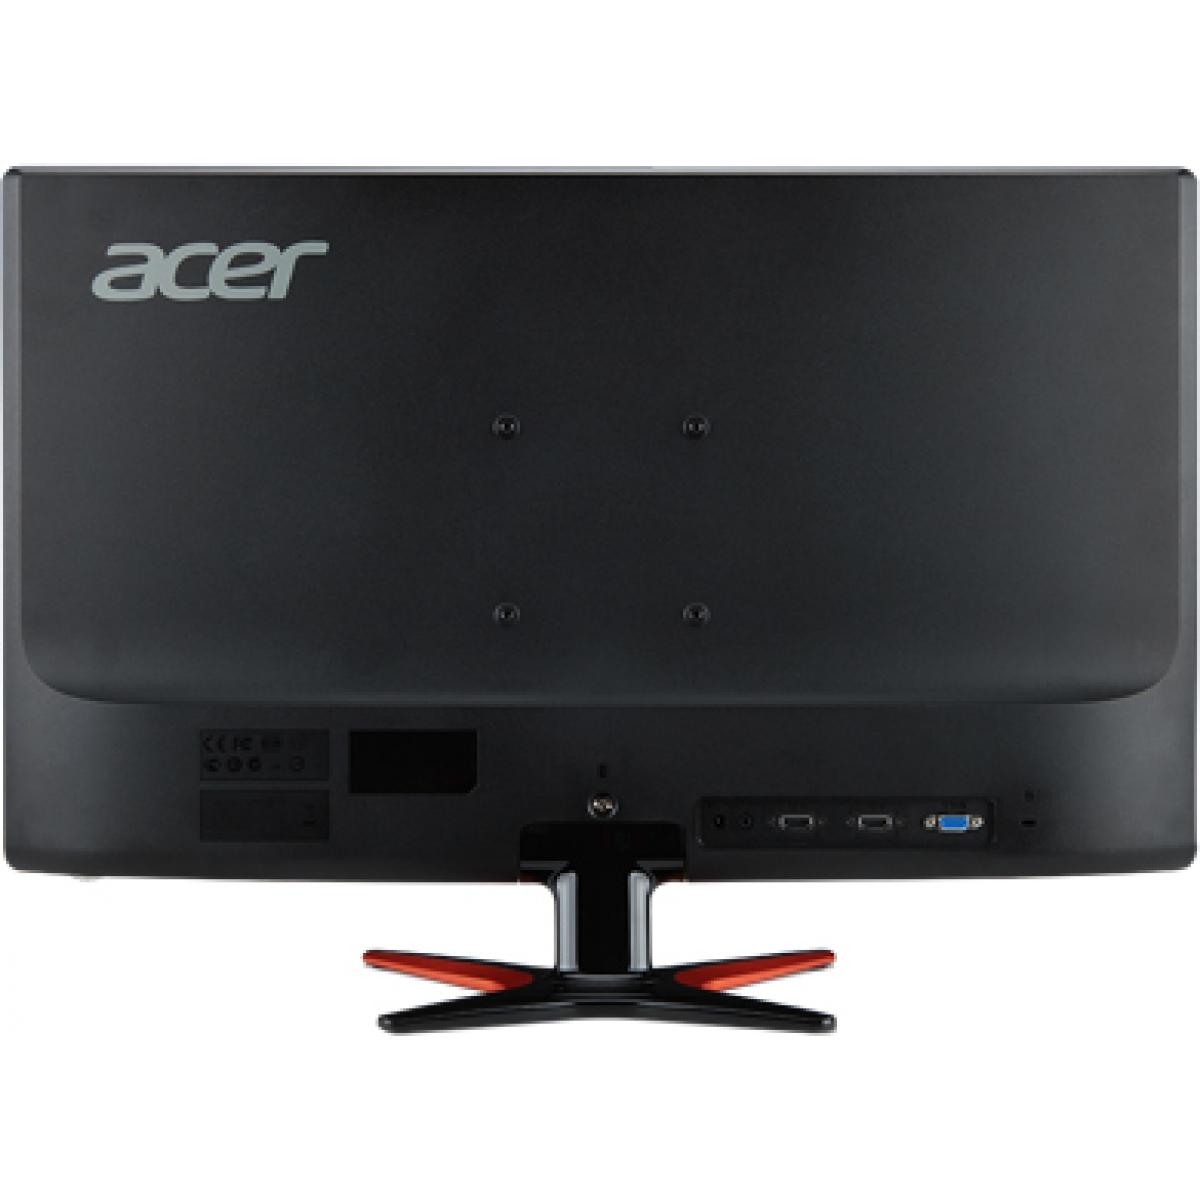 Monitor Gamer Acer 24 Pol, Full HD, 144Hz, 1ms, GN246HL